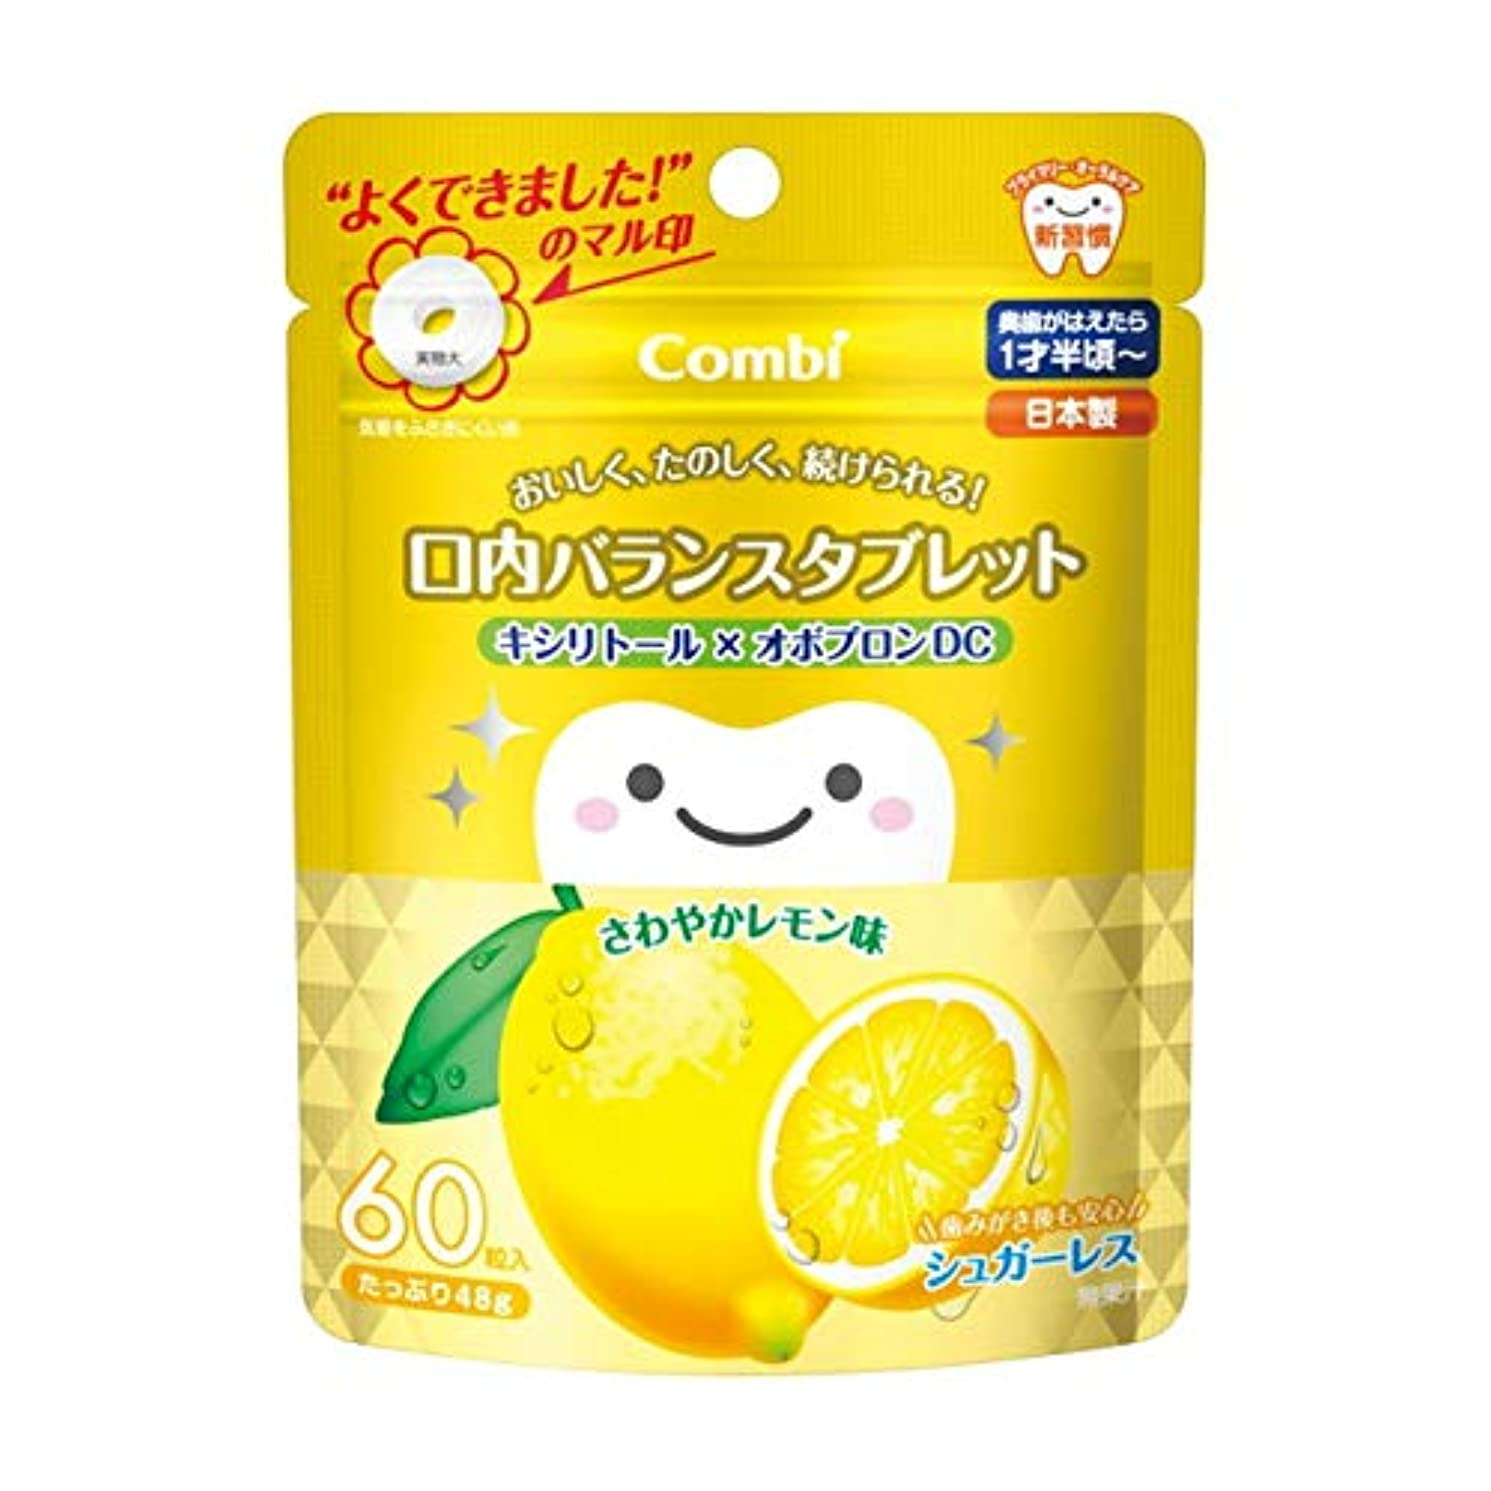 現象業界促進するテテオ 口内バランスタブレット(レモン) 60粒